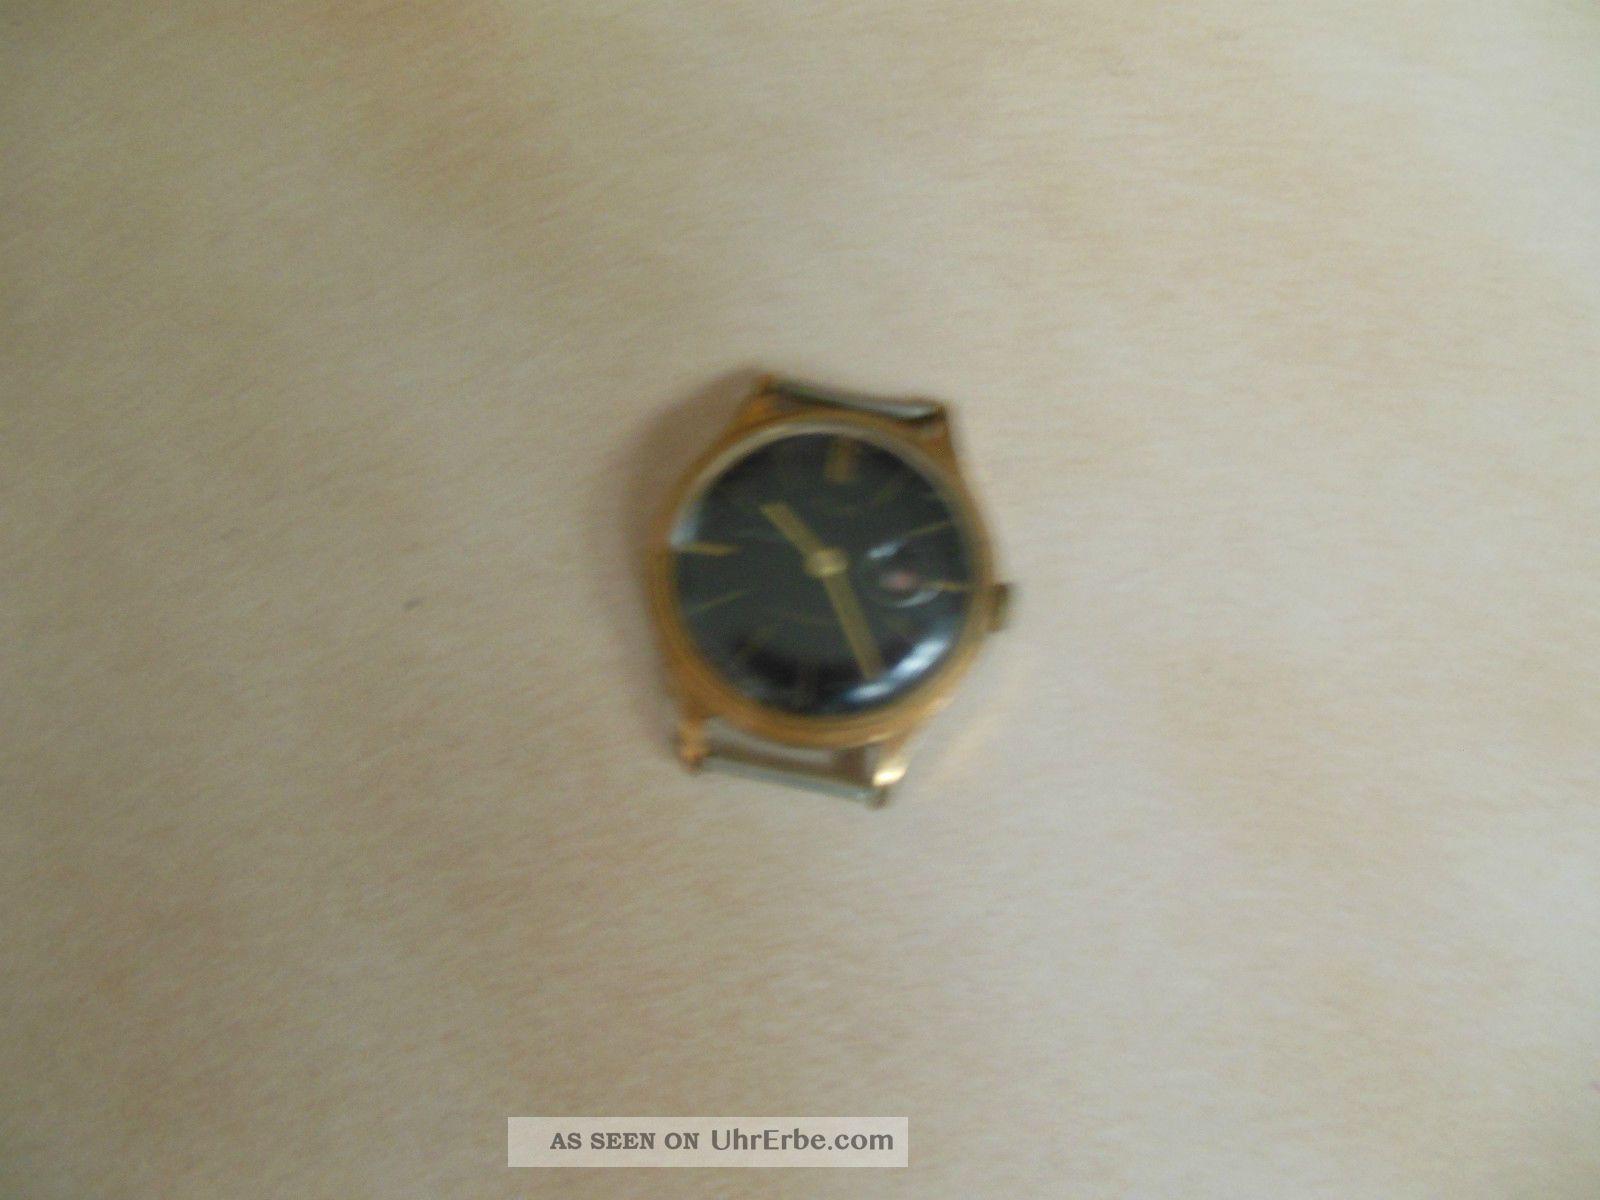 herrenuhr alt schwarzes zifferblatt goldfarbener geh userand ohne armband. Black Bedroom Furniture Sets. Home Design Ideas